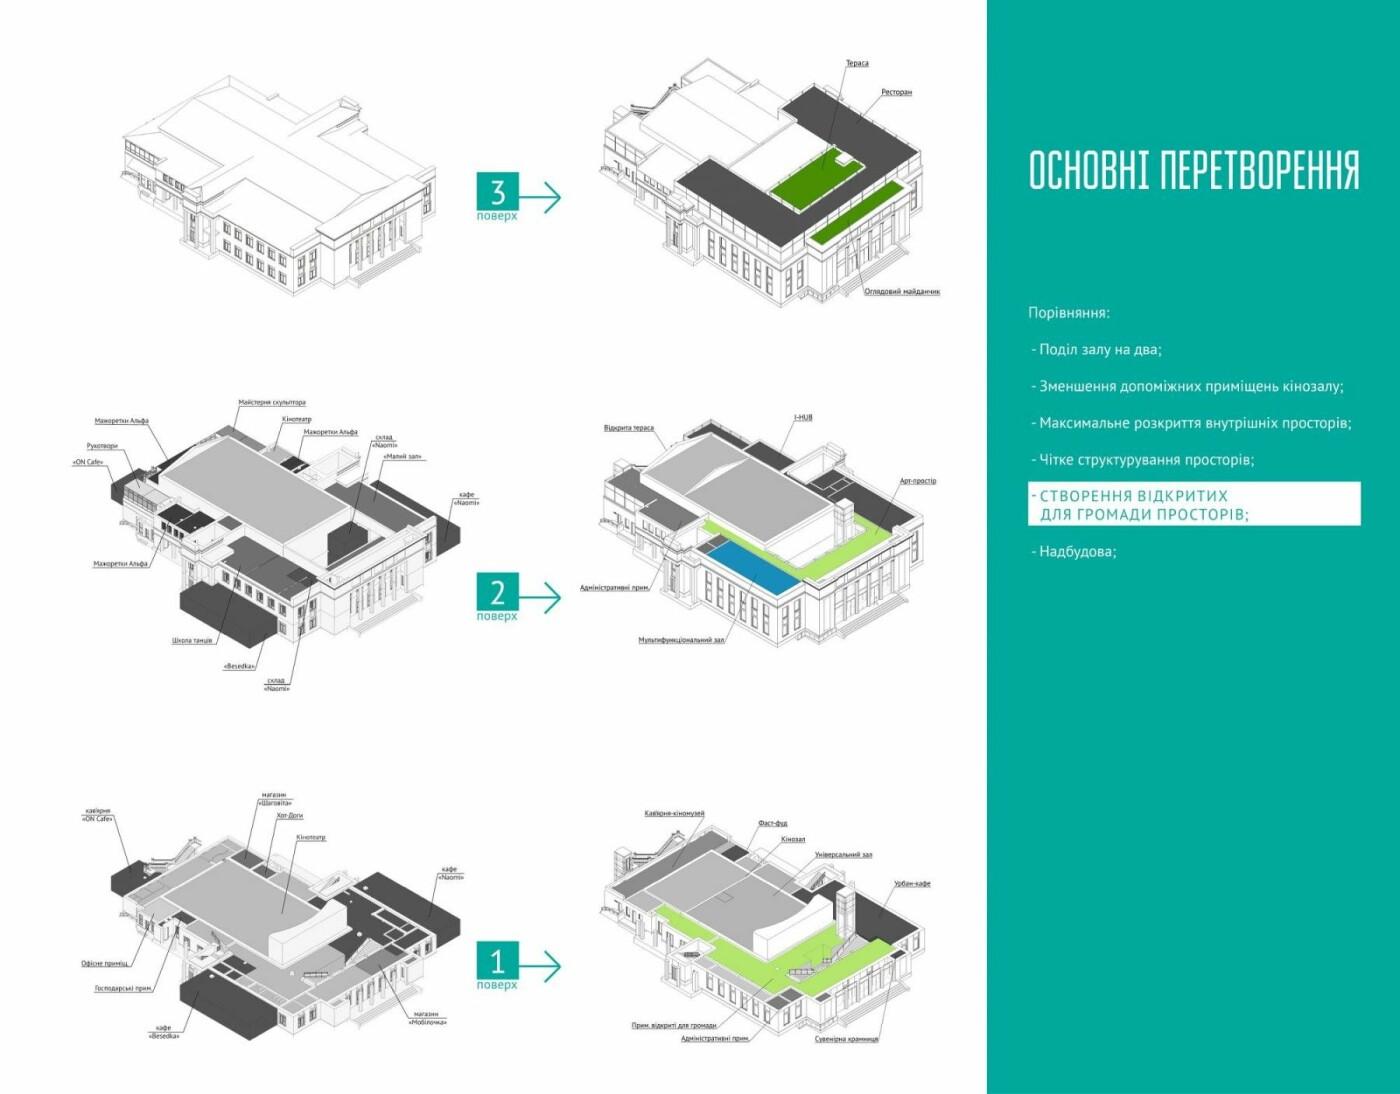 Концепція розвитку: яким буде кінотеатр Шевченка в майбутньому, фото-4